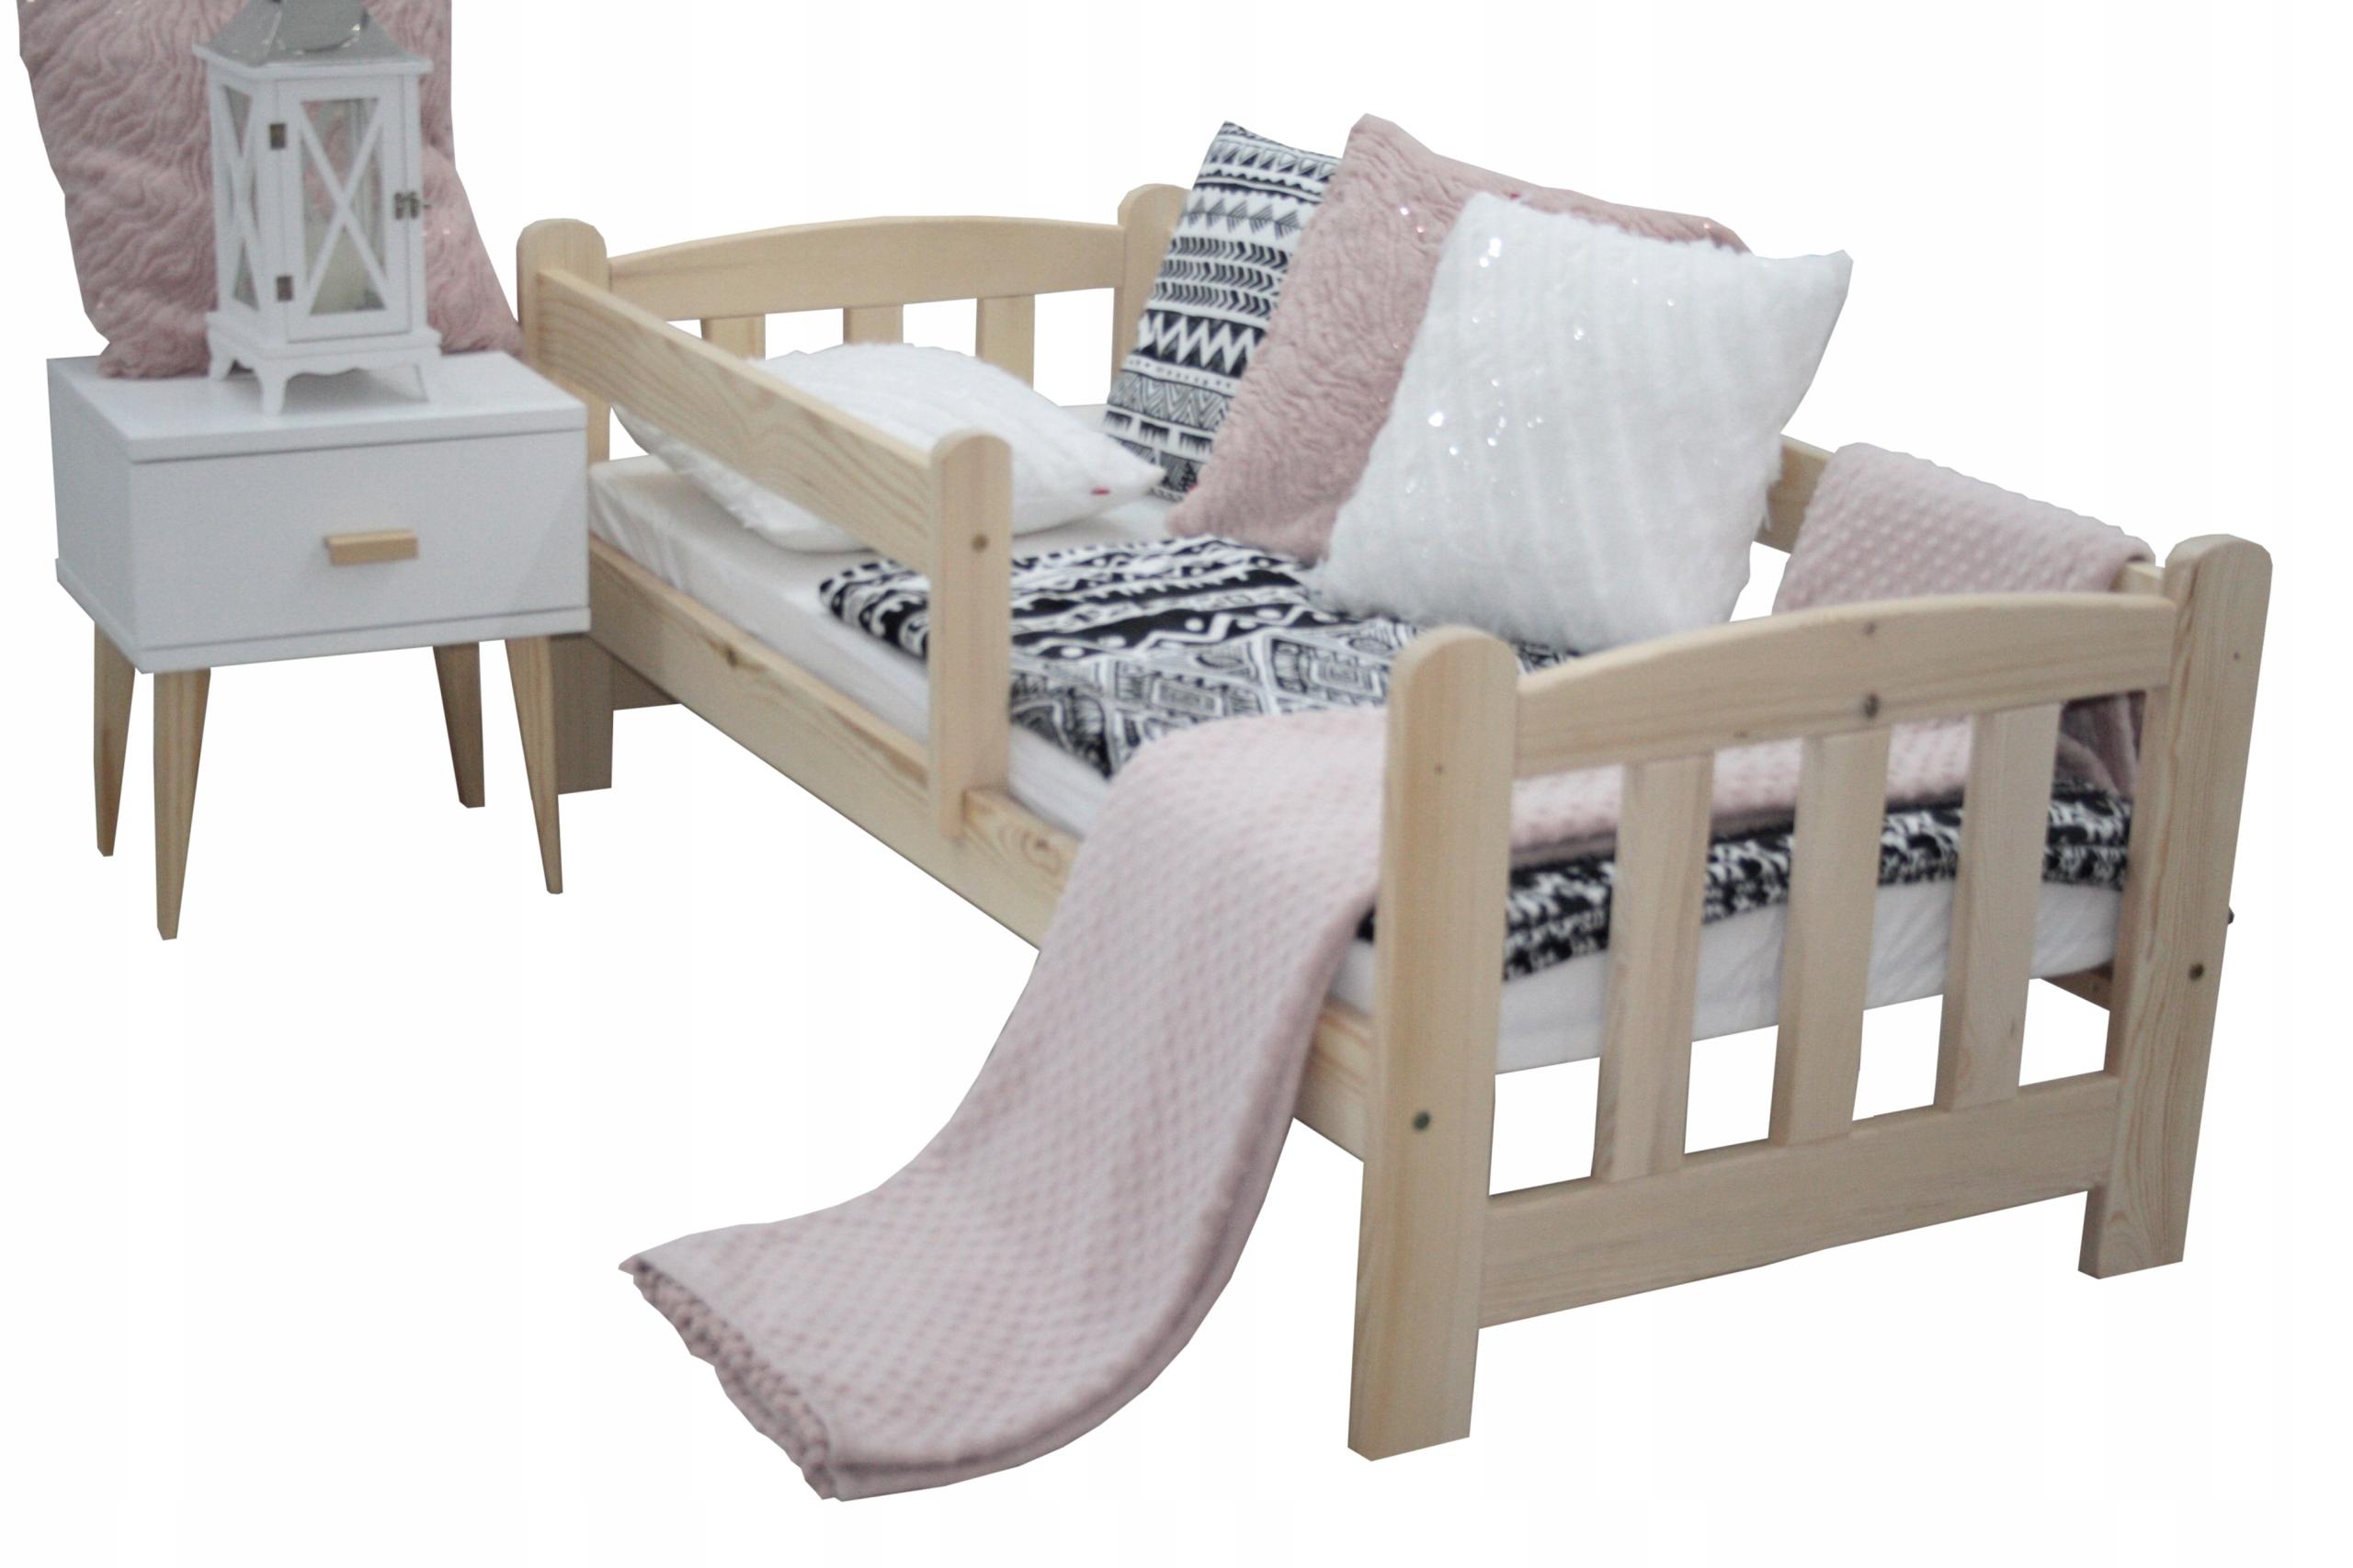 łóżko dziecięce JAŚ 70x160 + stelaż+ barierki